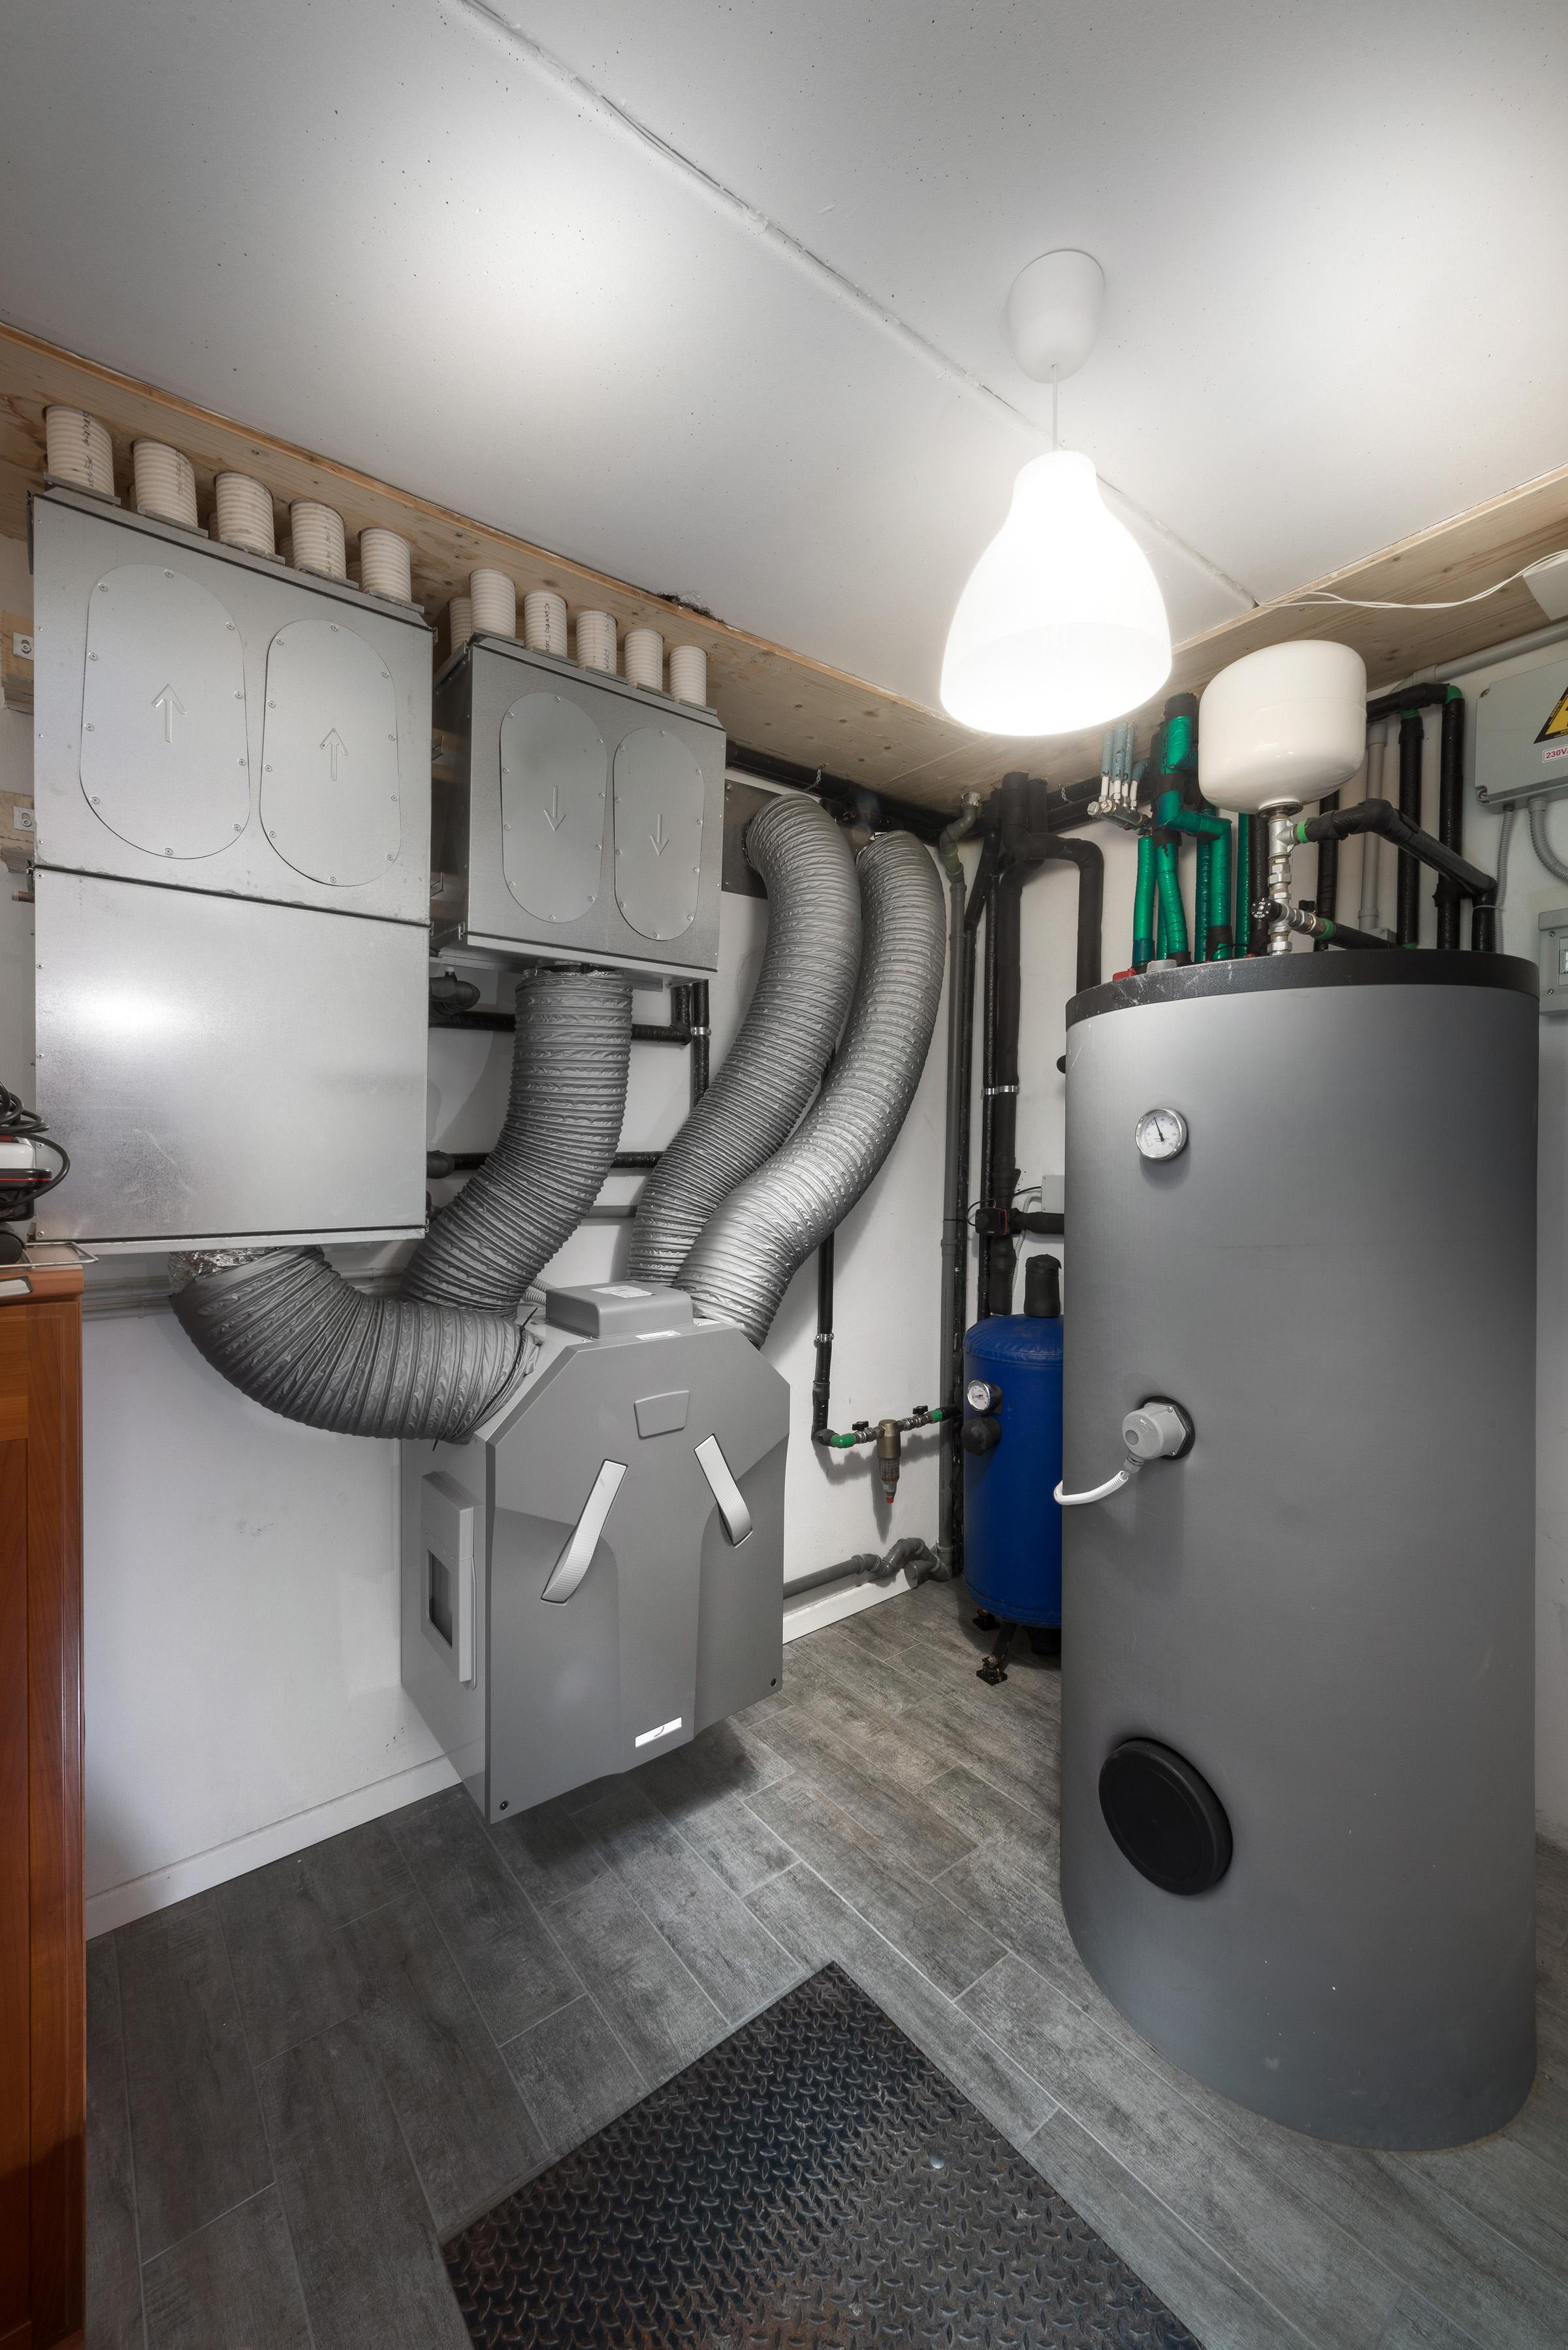 Pompa di calore e vmc per la casa passiva in legno gt il giornale del termoidraulico - Sistema di aerazione per casa ...